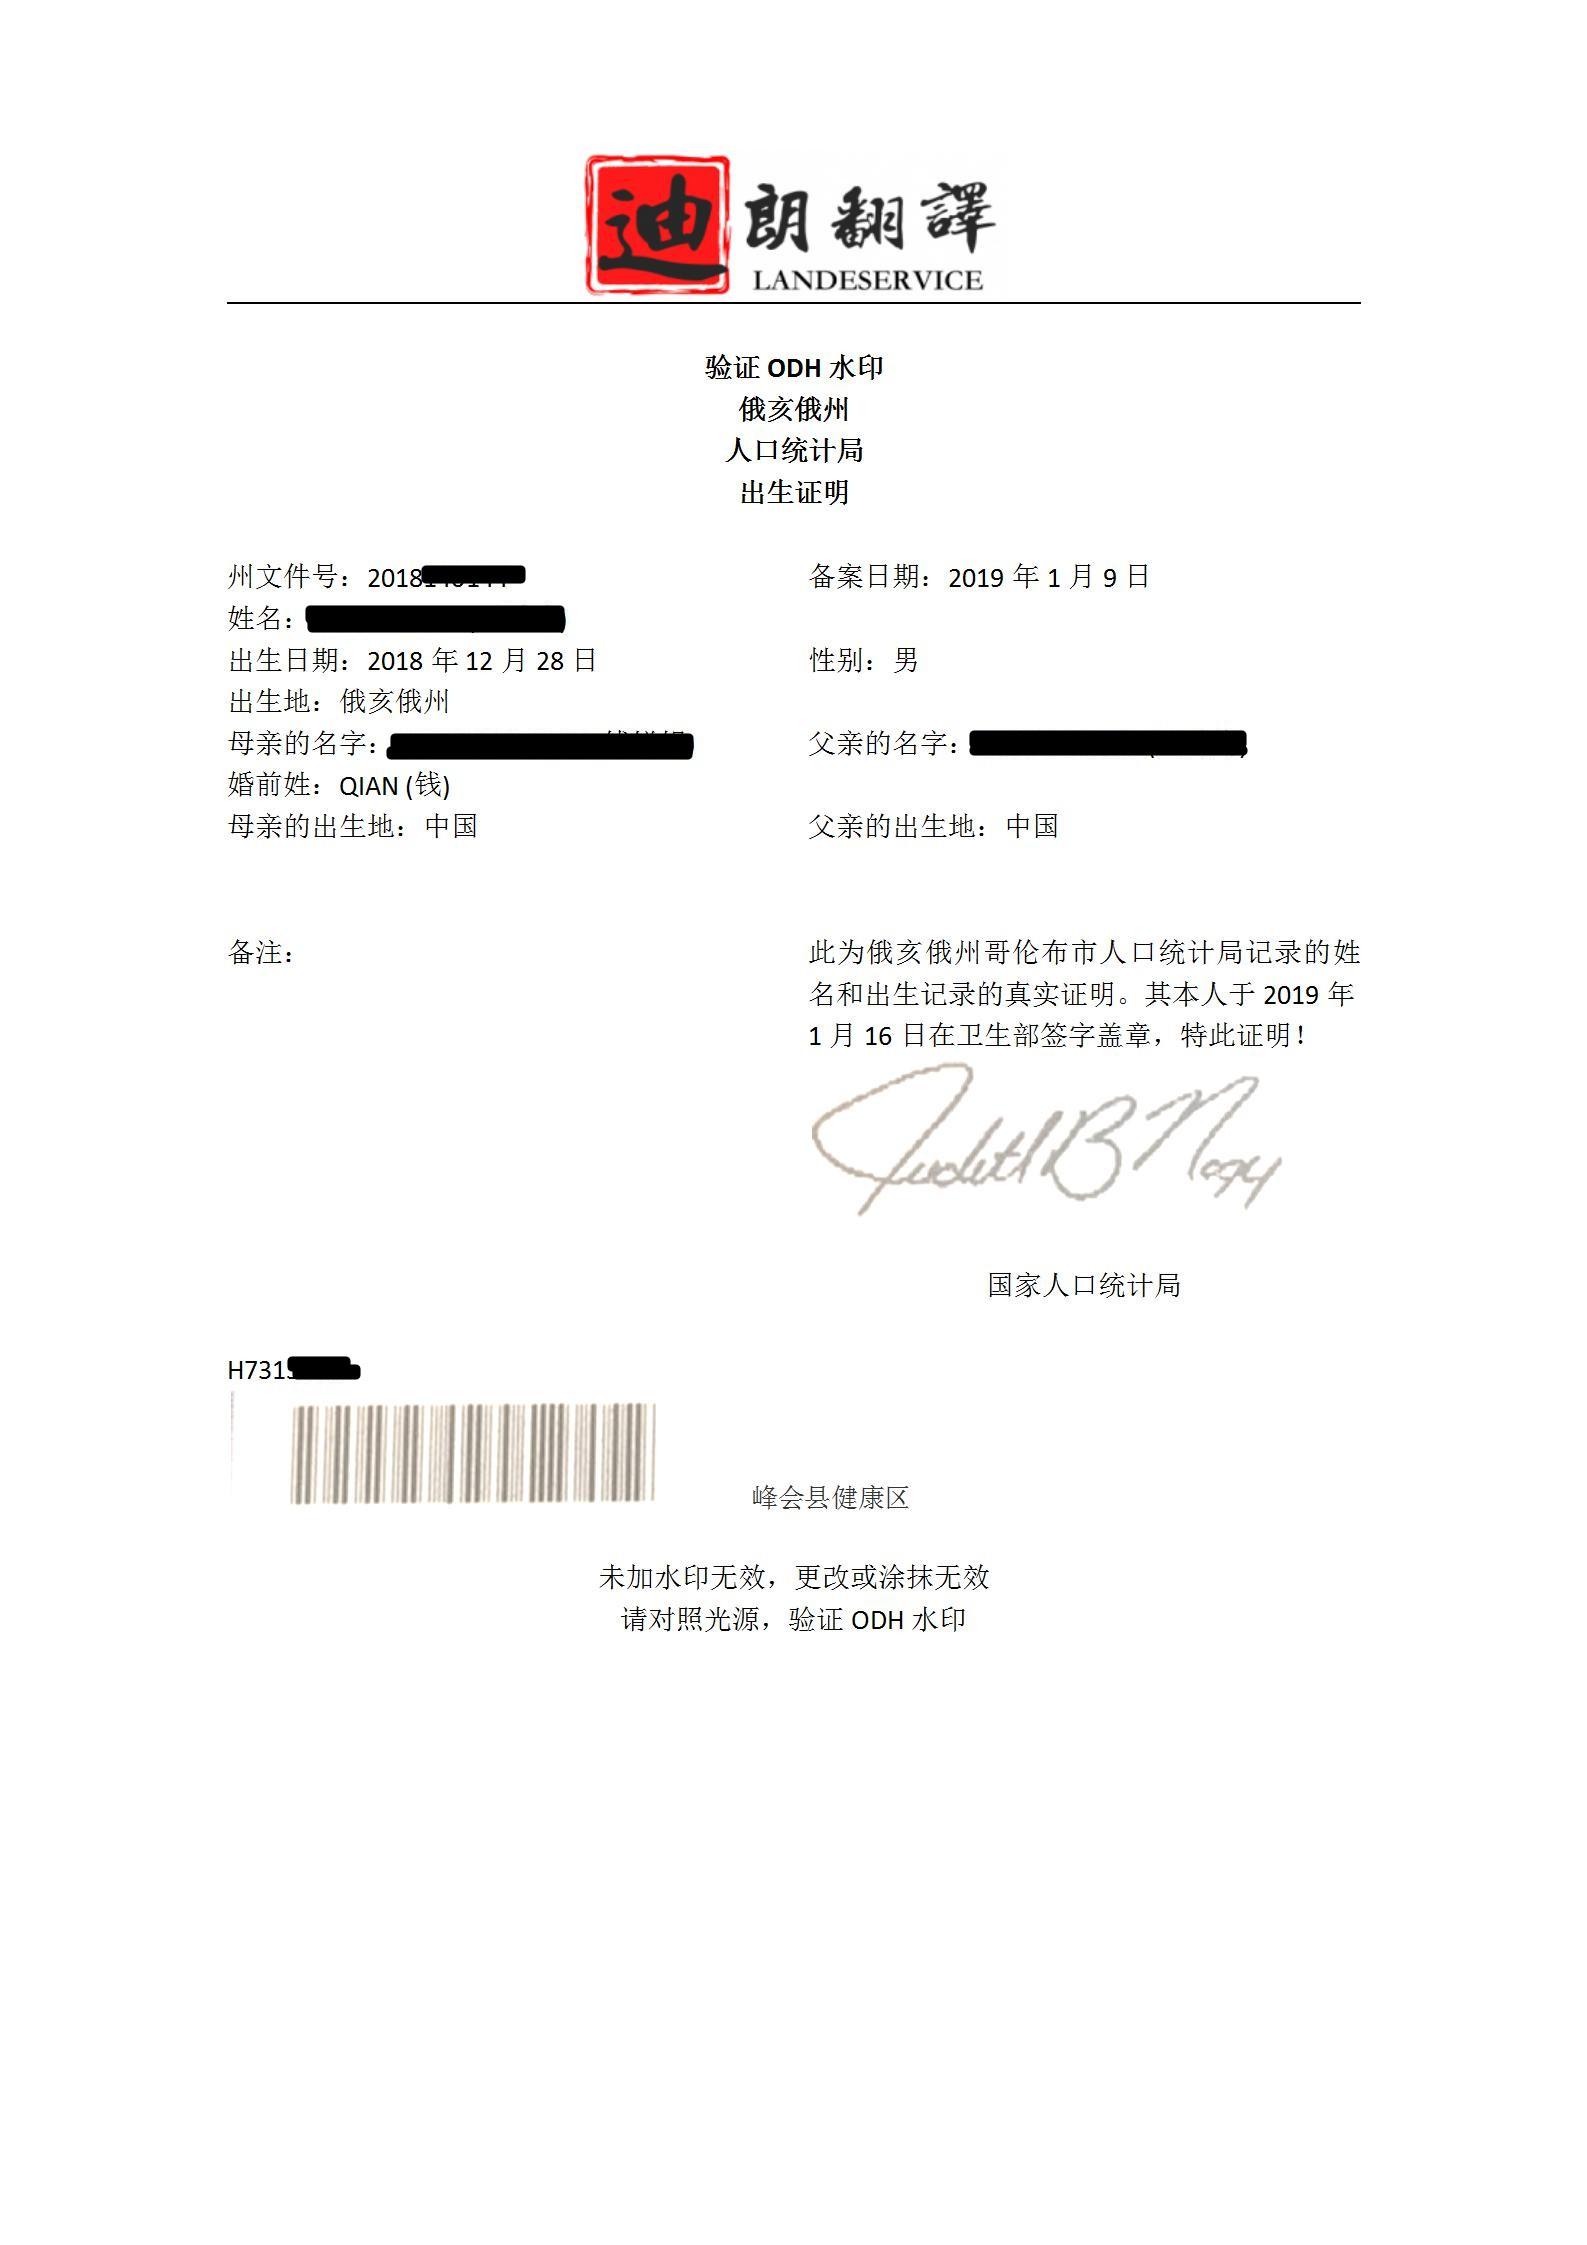 验证ODH水印 01 - 美国俄亥俄州出生证翻译